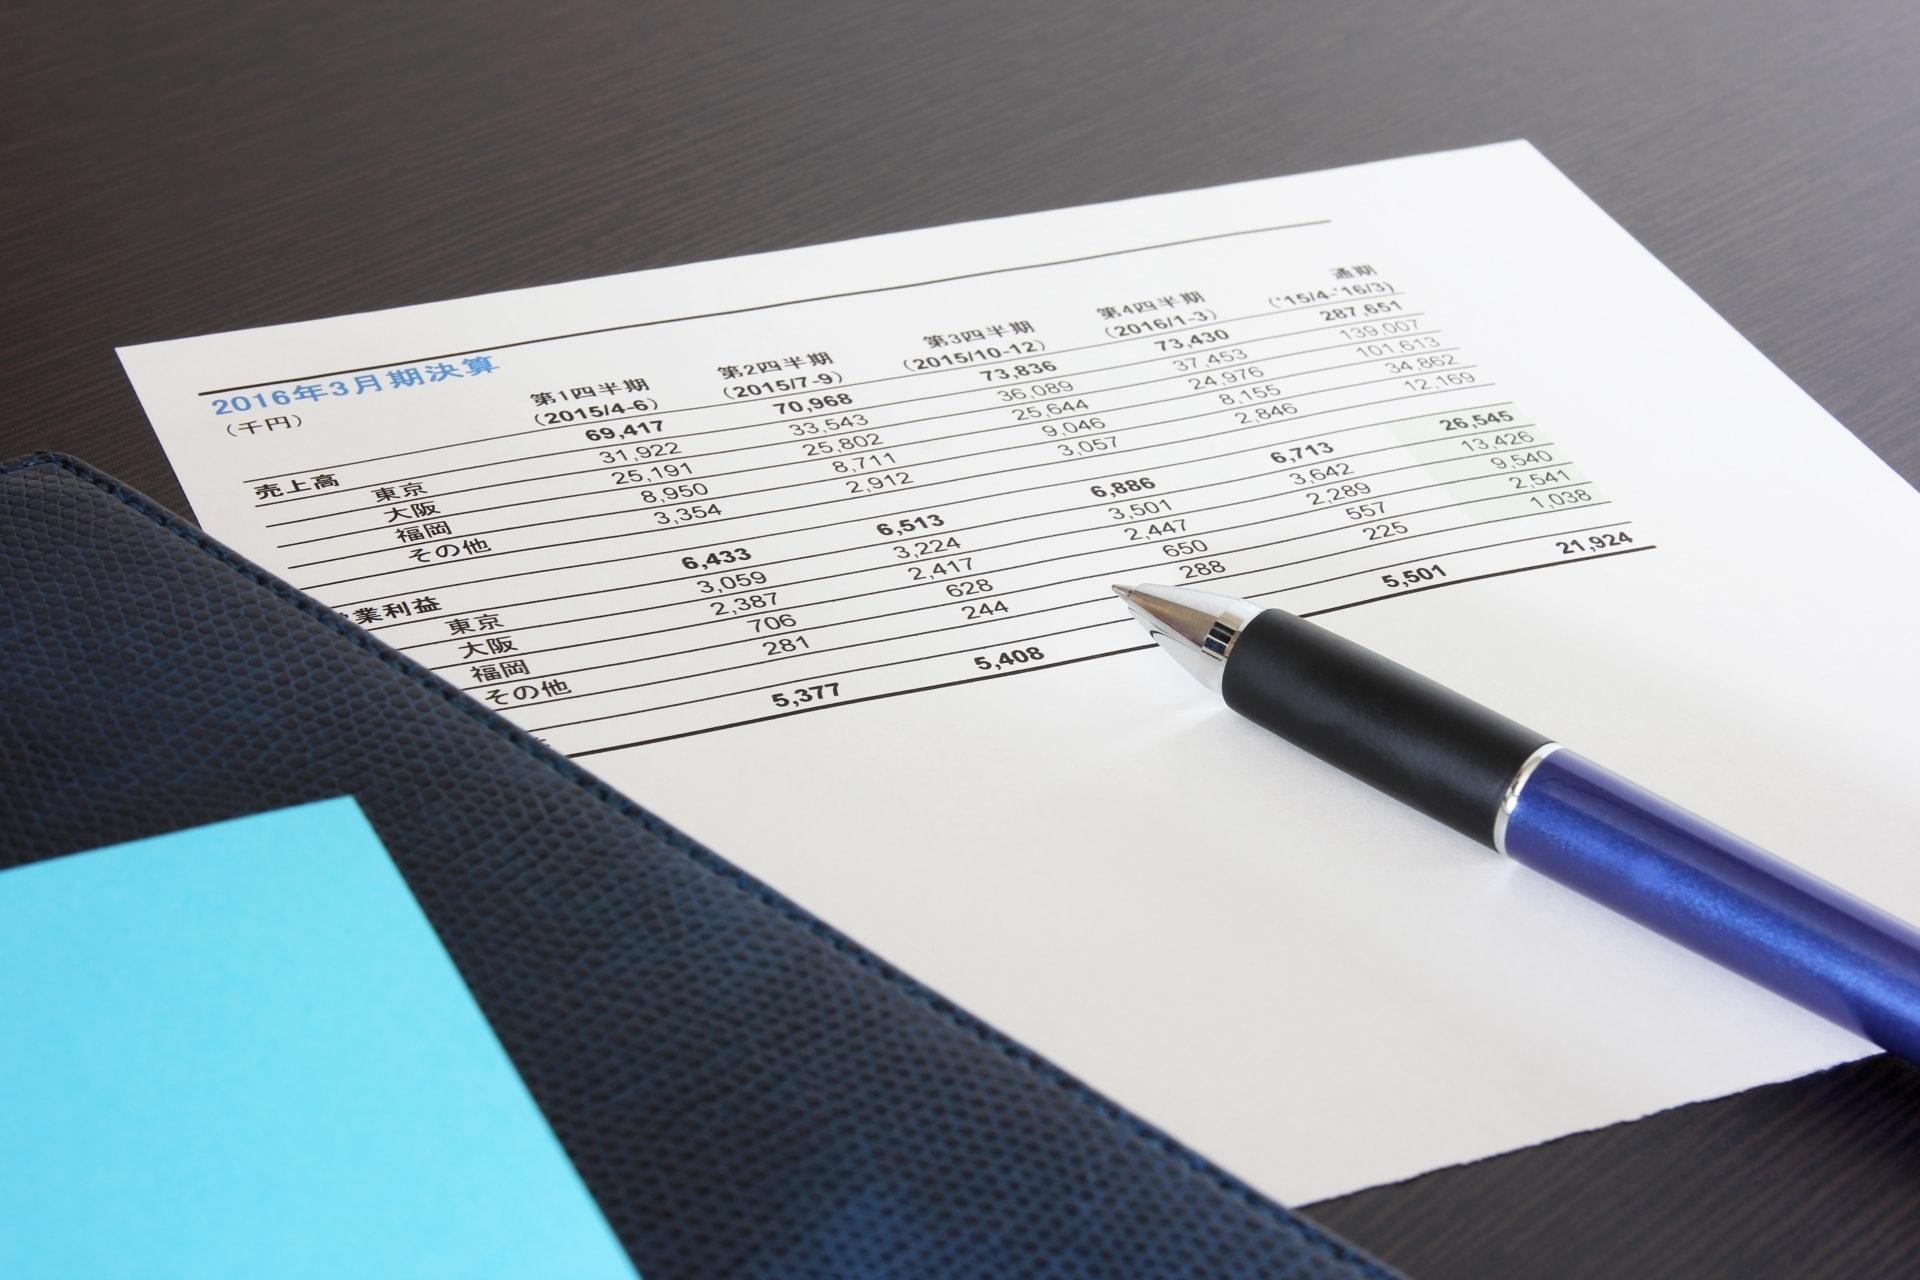 決算申告手続きに必要な勘定科目内訳明細書とは?